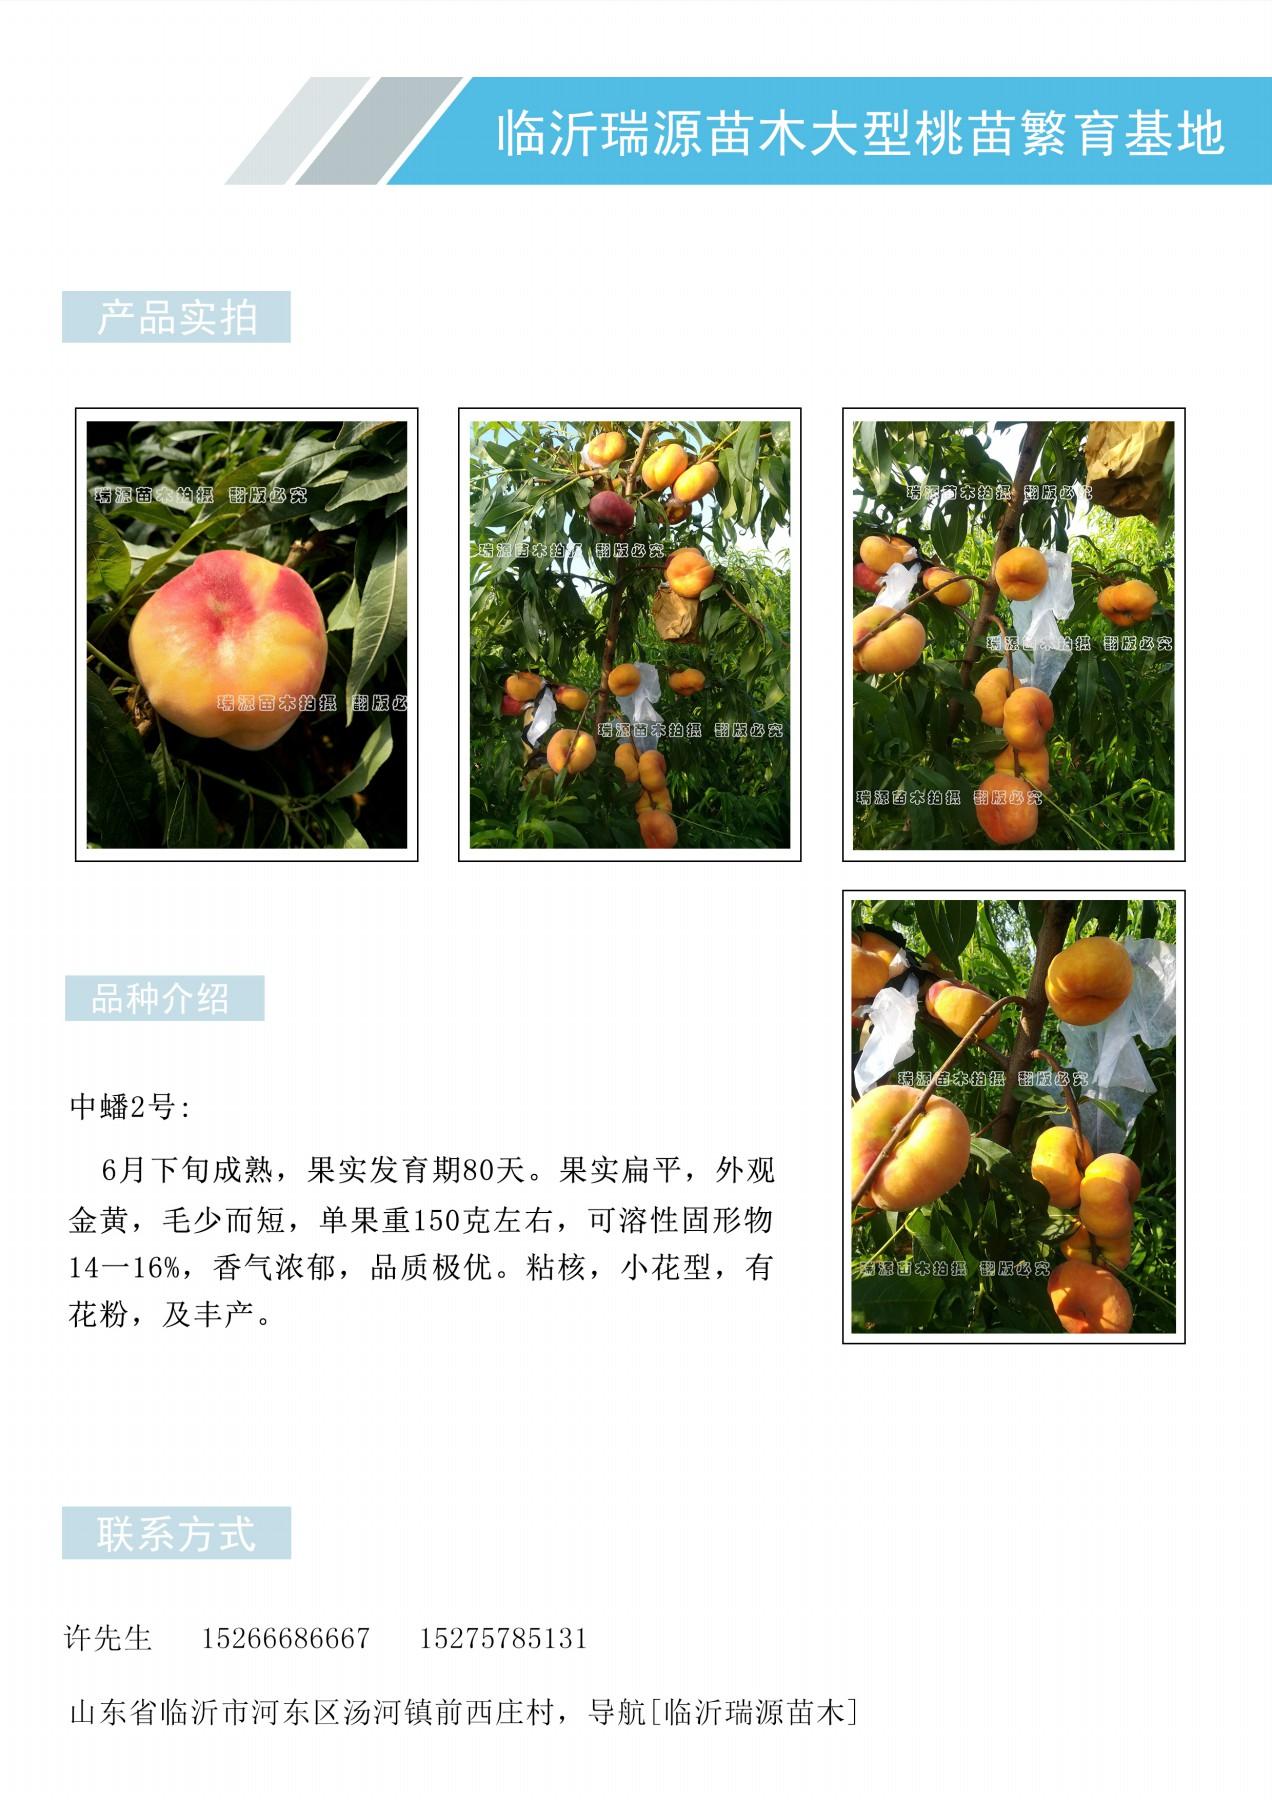 麗水錦繡黃桃每畝多少棵苗、麗水品種簡介